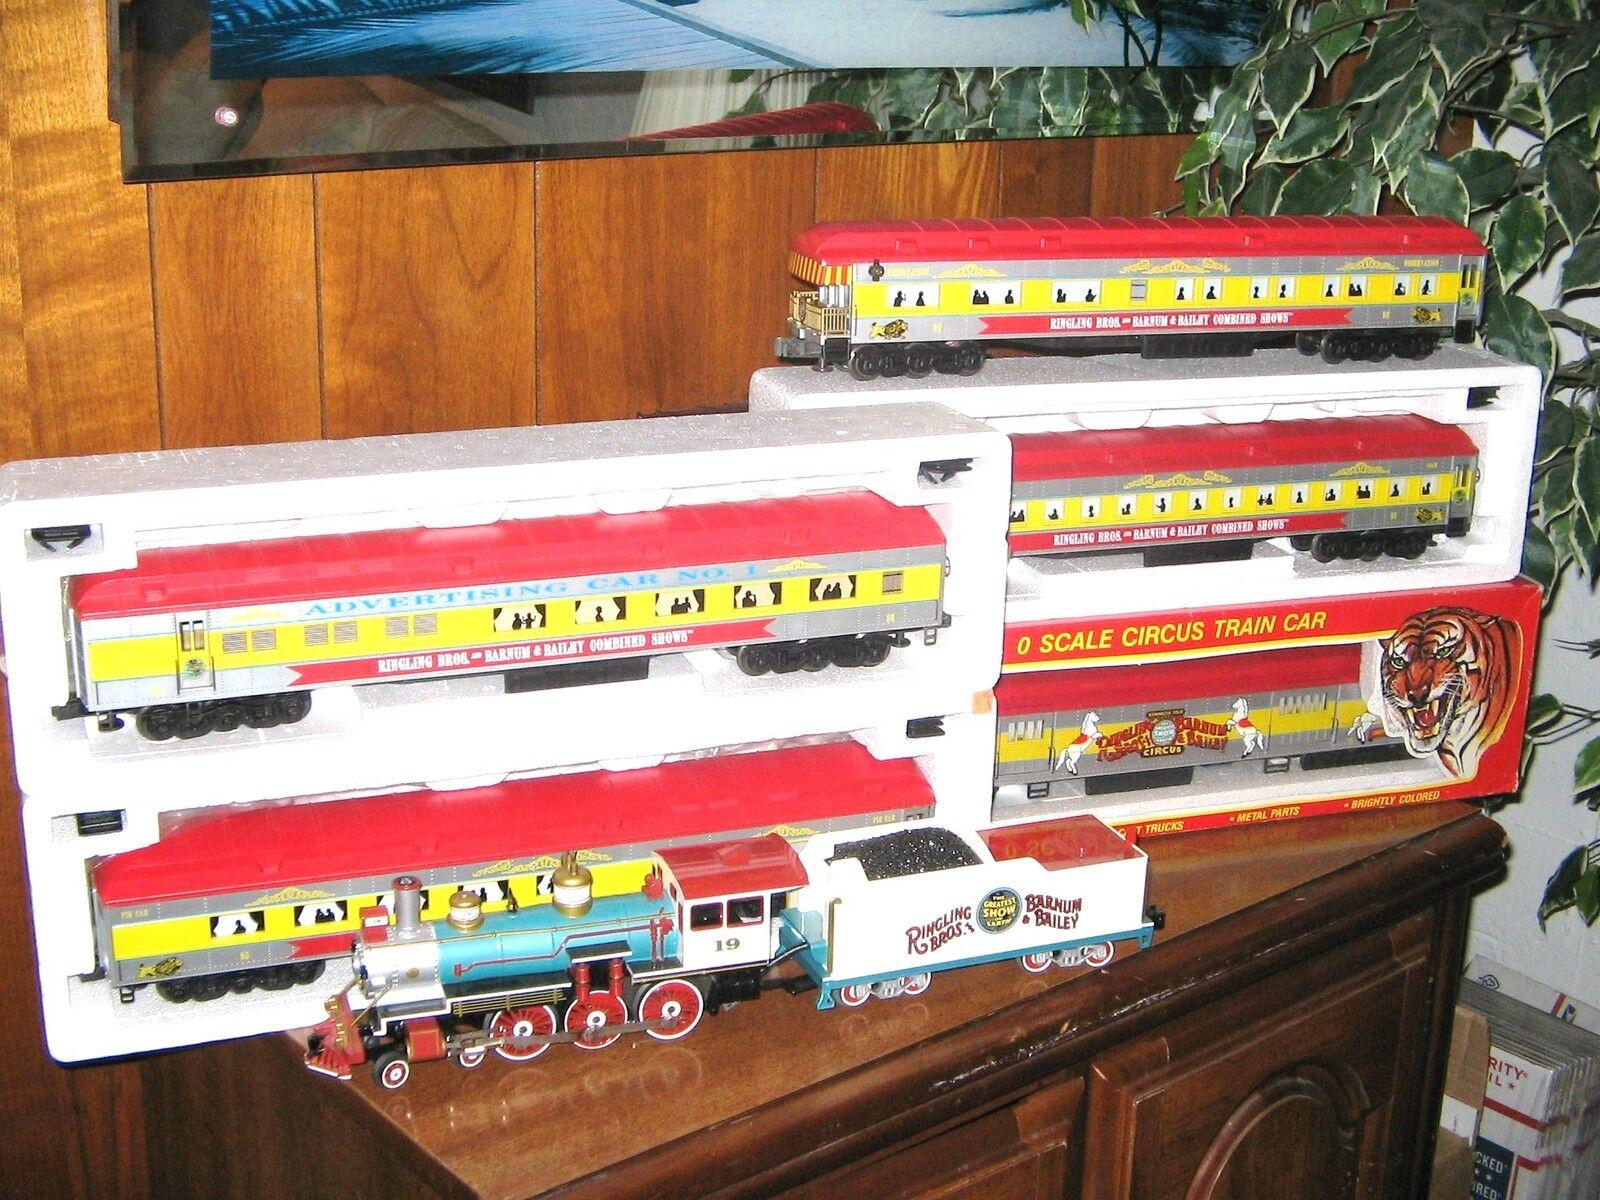 Descuento del 70% barato Williams k-line Circo Tren Tren Tren 4-6-0 Locomotora A Vapor C   Humo Y Sonido, coches C-8   9  calidad oficial